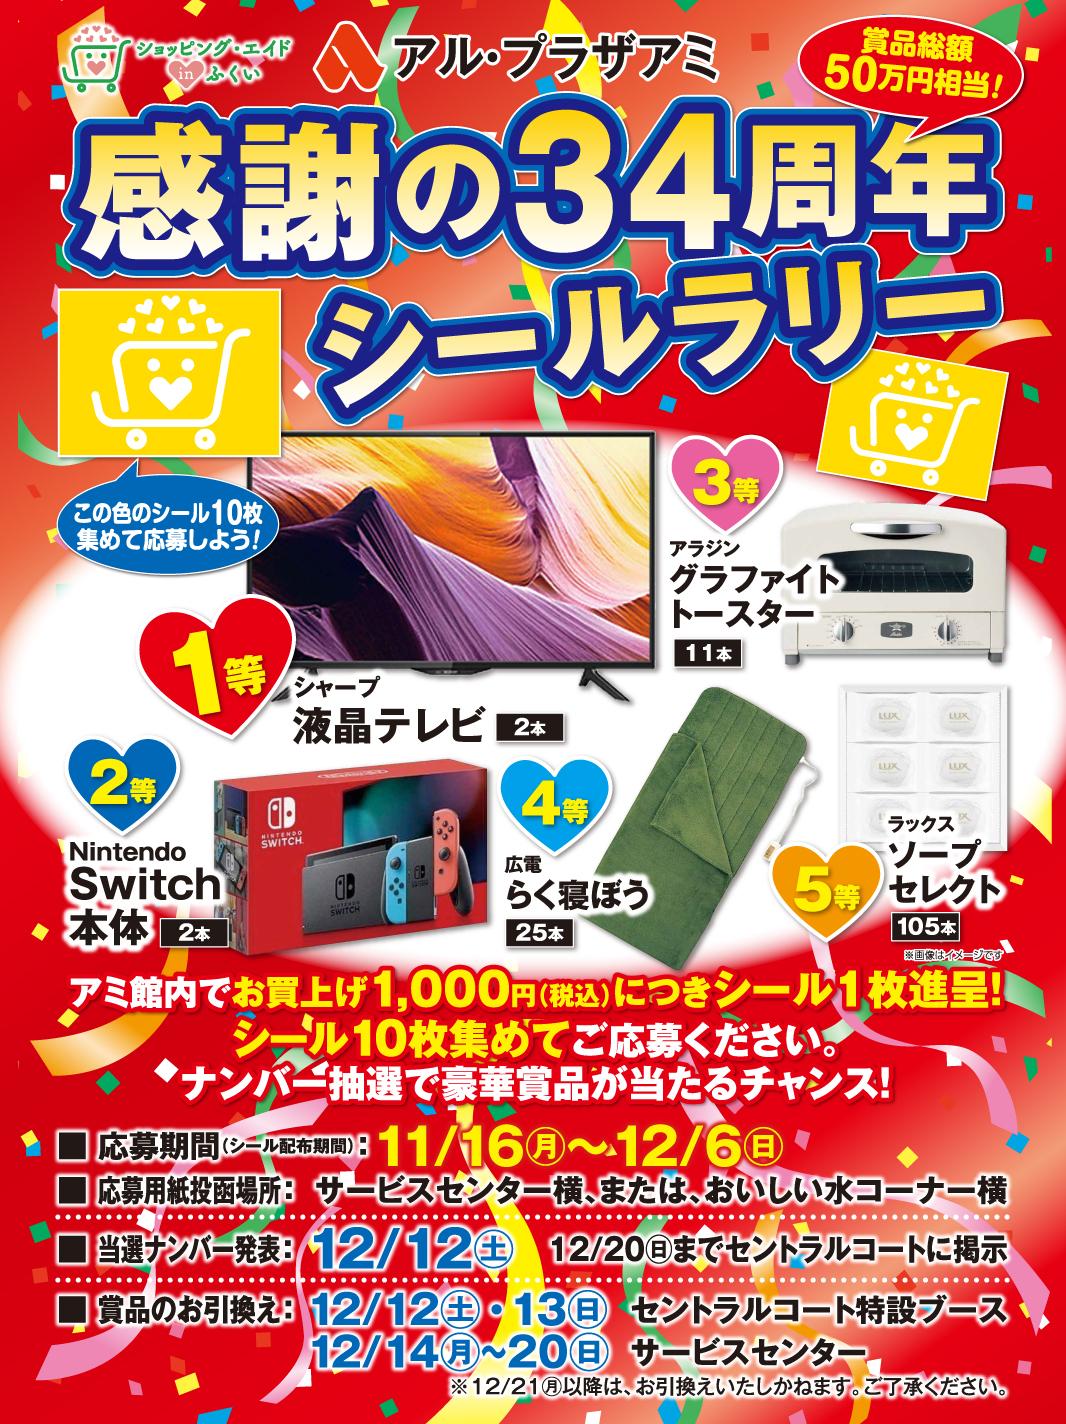 ショッピング・エイド <アミ 第2弾>